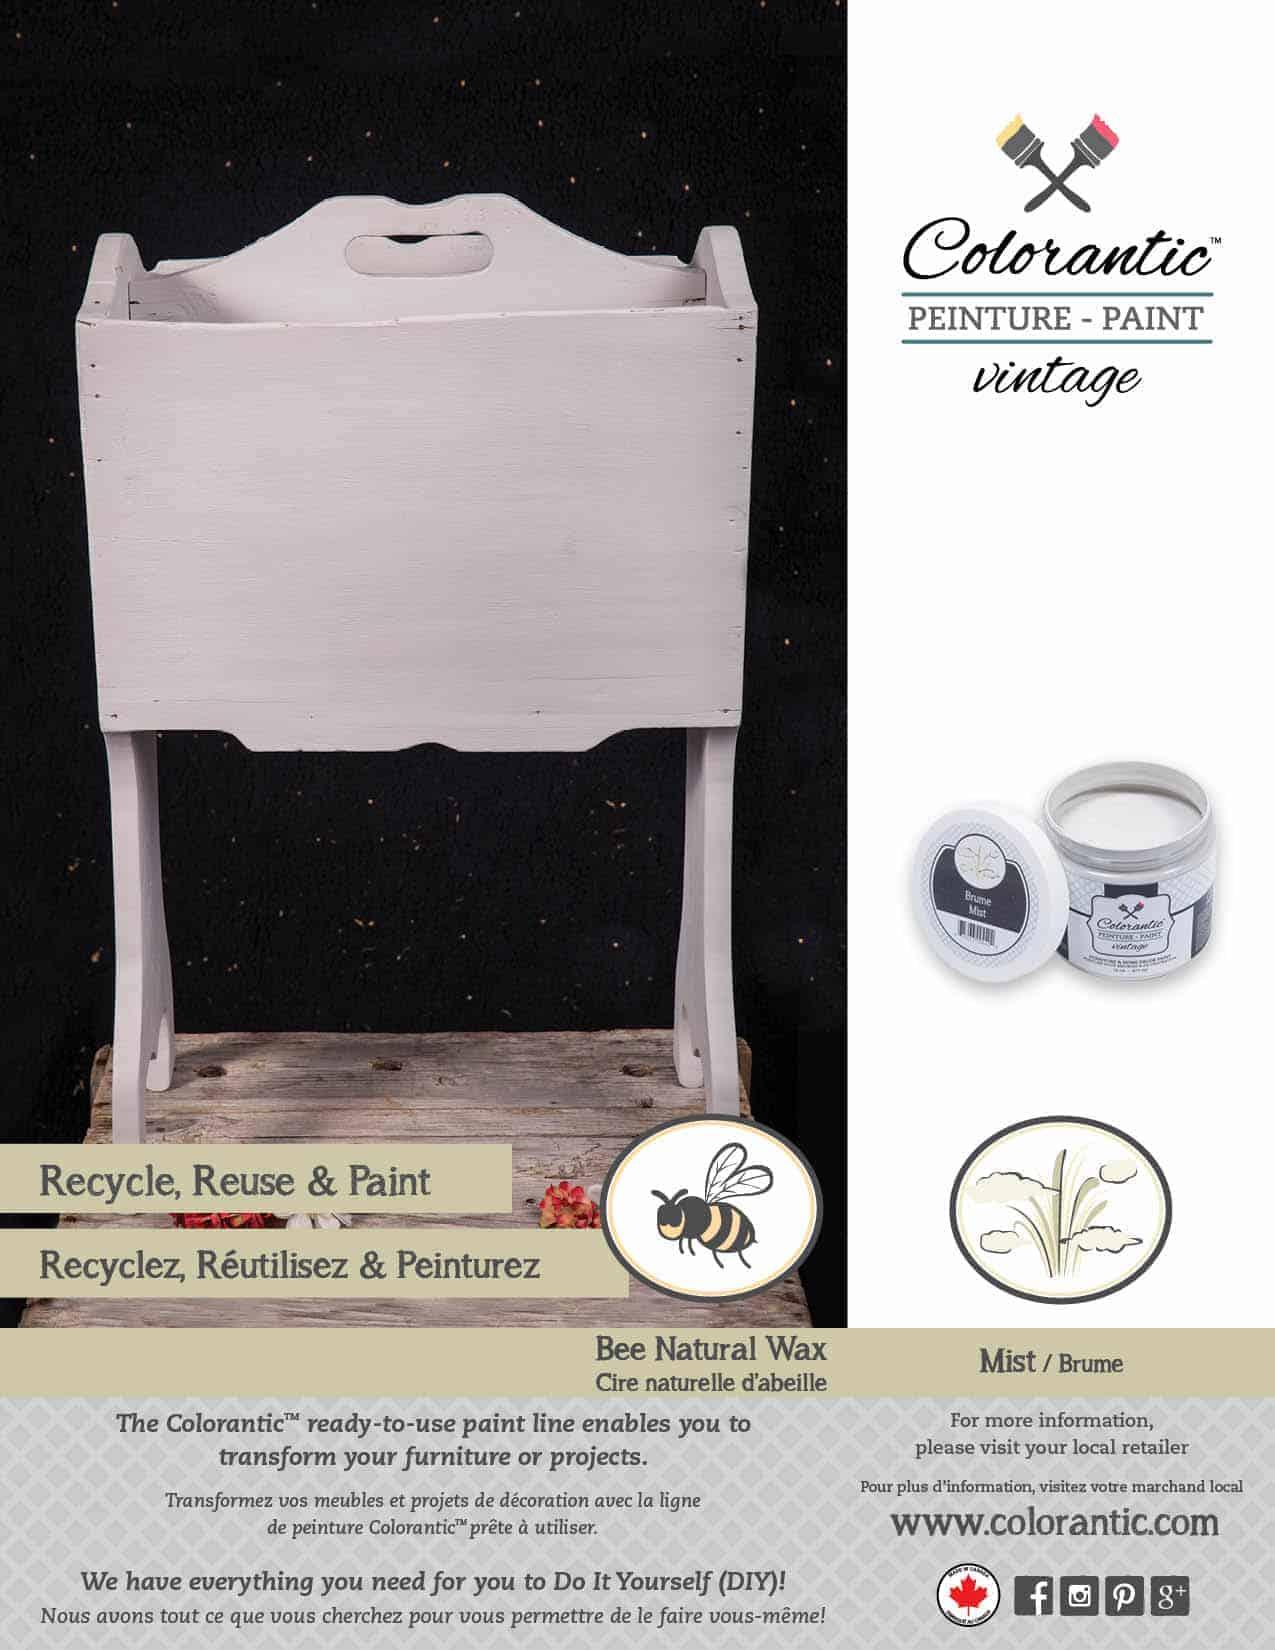 brume mist off-white